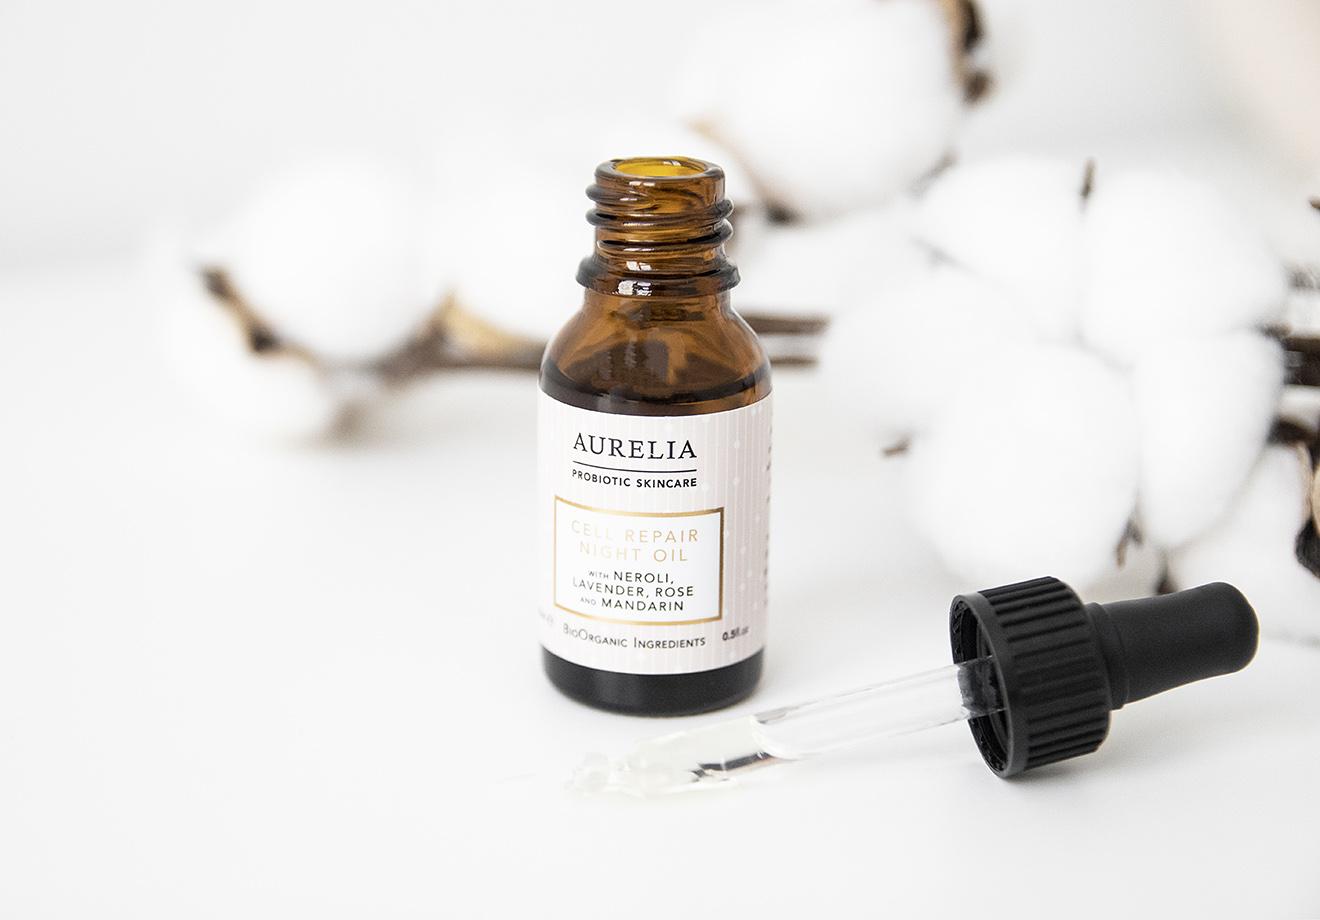 Aurelia Probiotic Skincare Night Oil